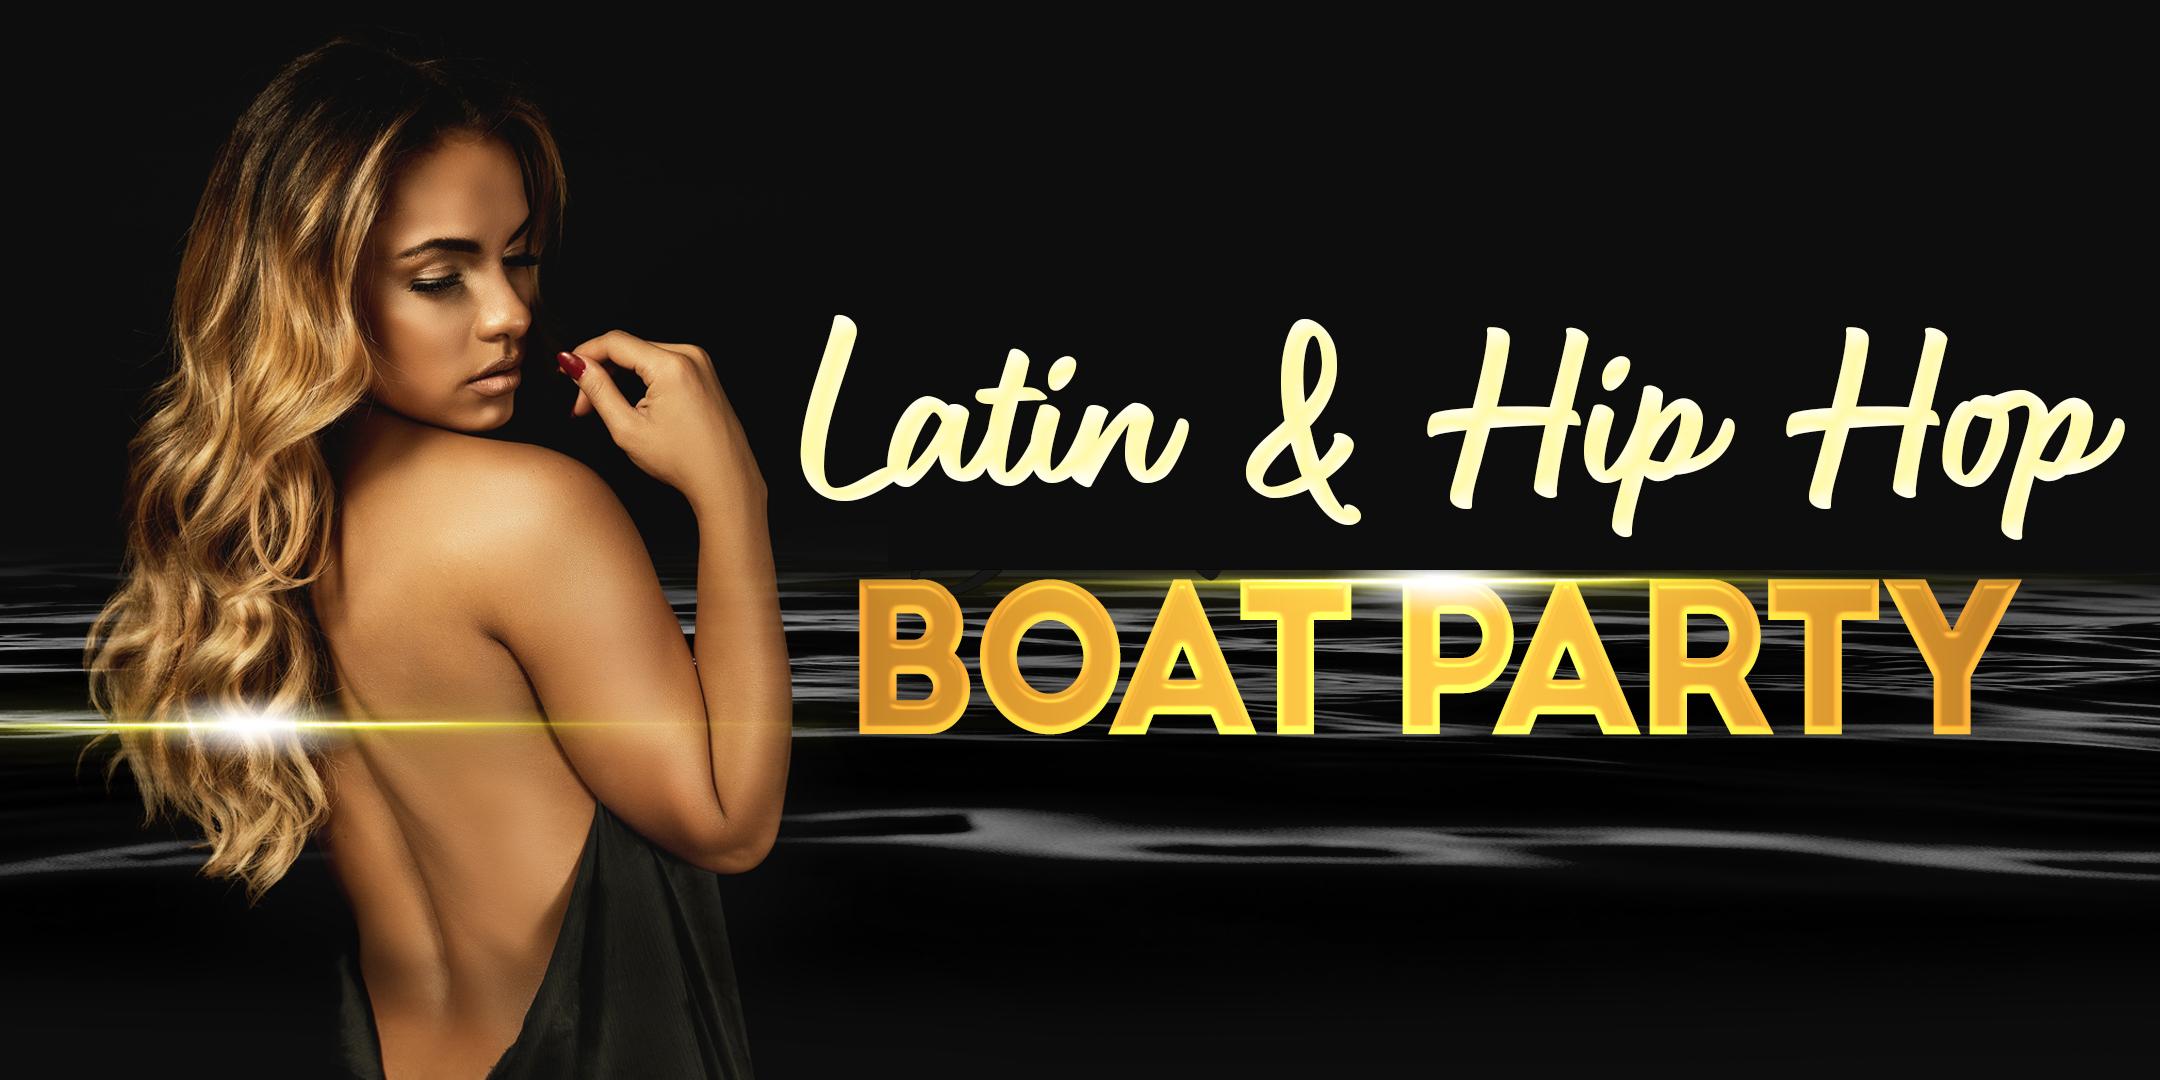 Latin & Hip Hop NYC DJ Xermane Boat Party Yacht Cruise - Sunday Oct 18